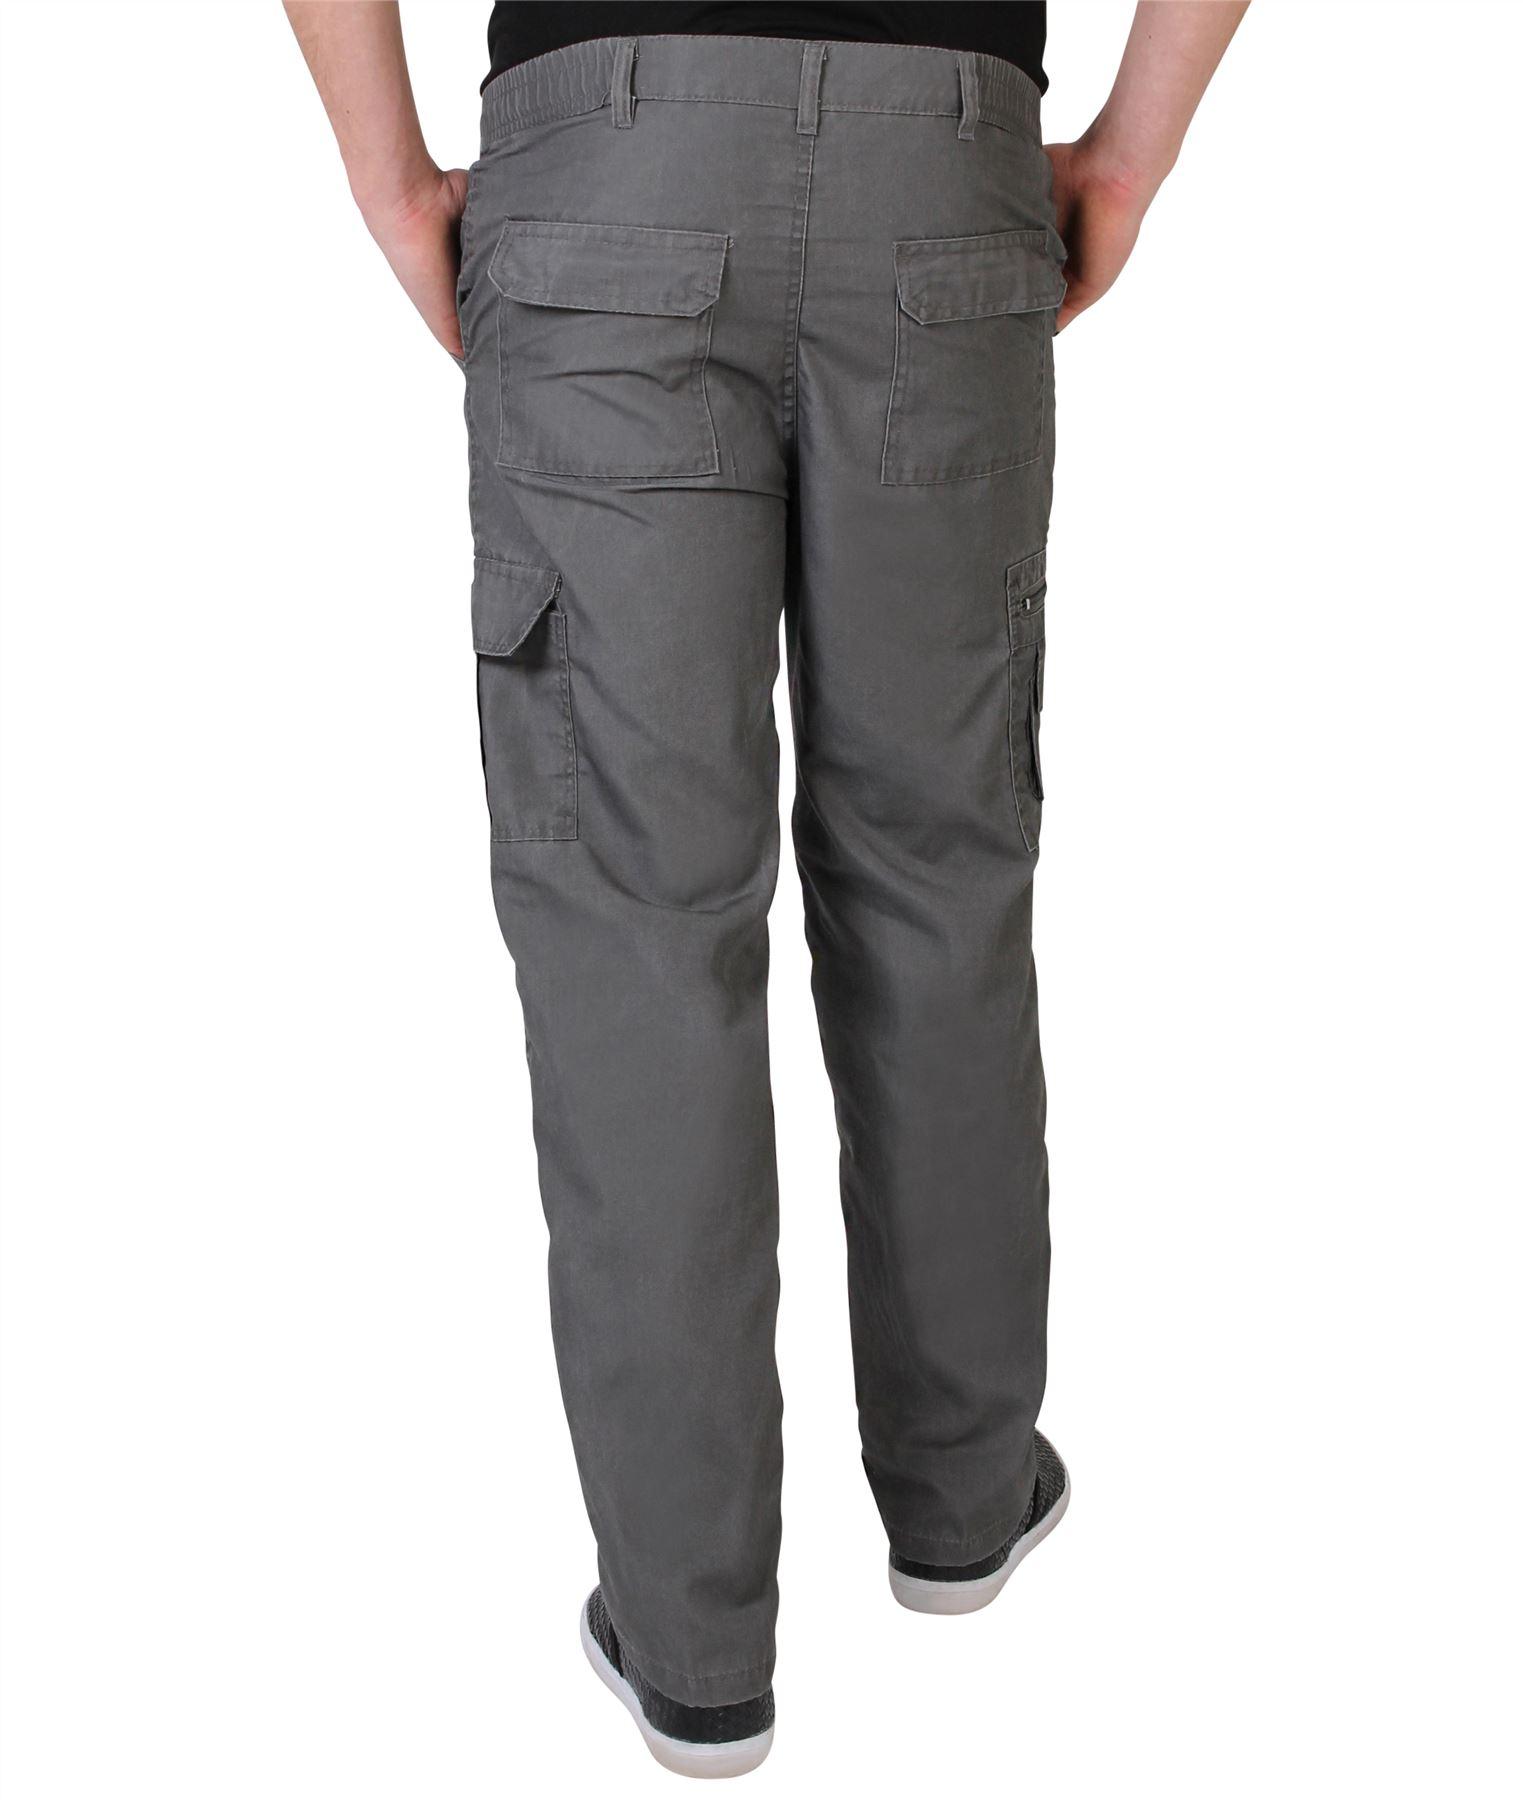 Uomo-Militare-Cargo-Pantaloni-Cotone-Lavoro-Chino-Casual-Kaki miniatura 13